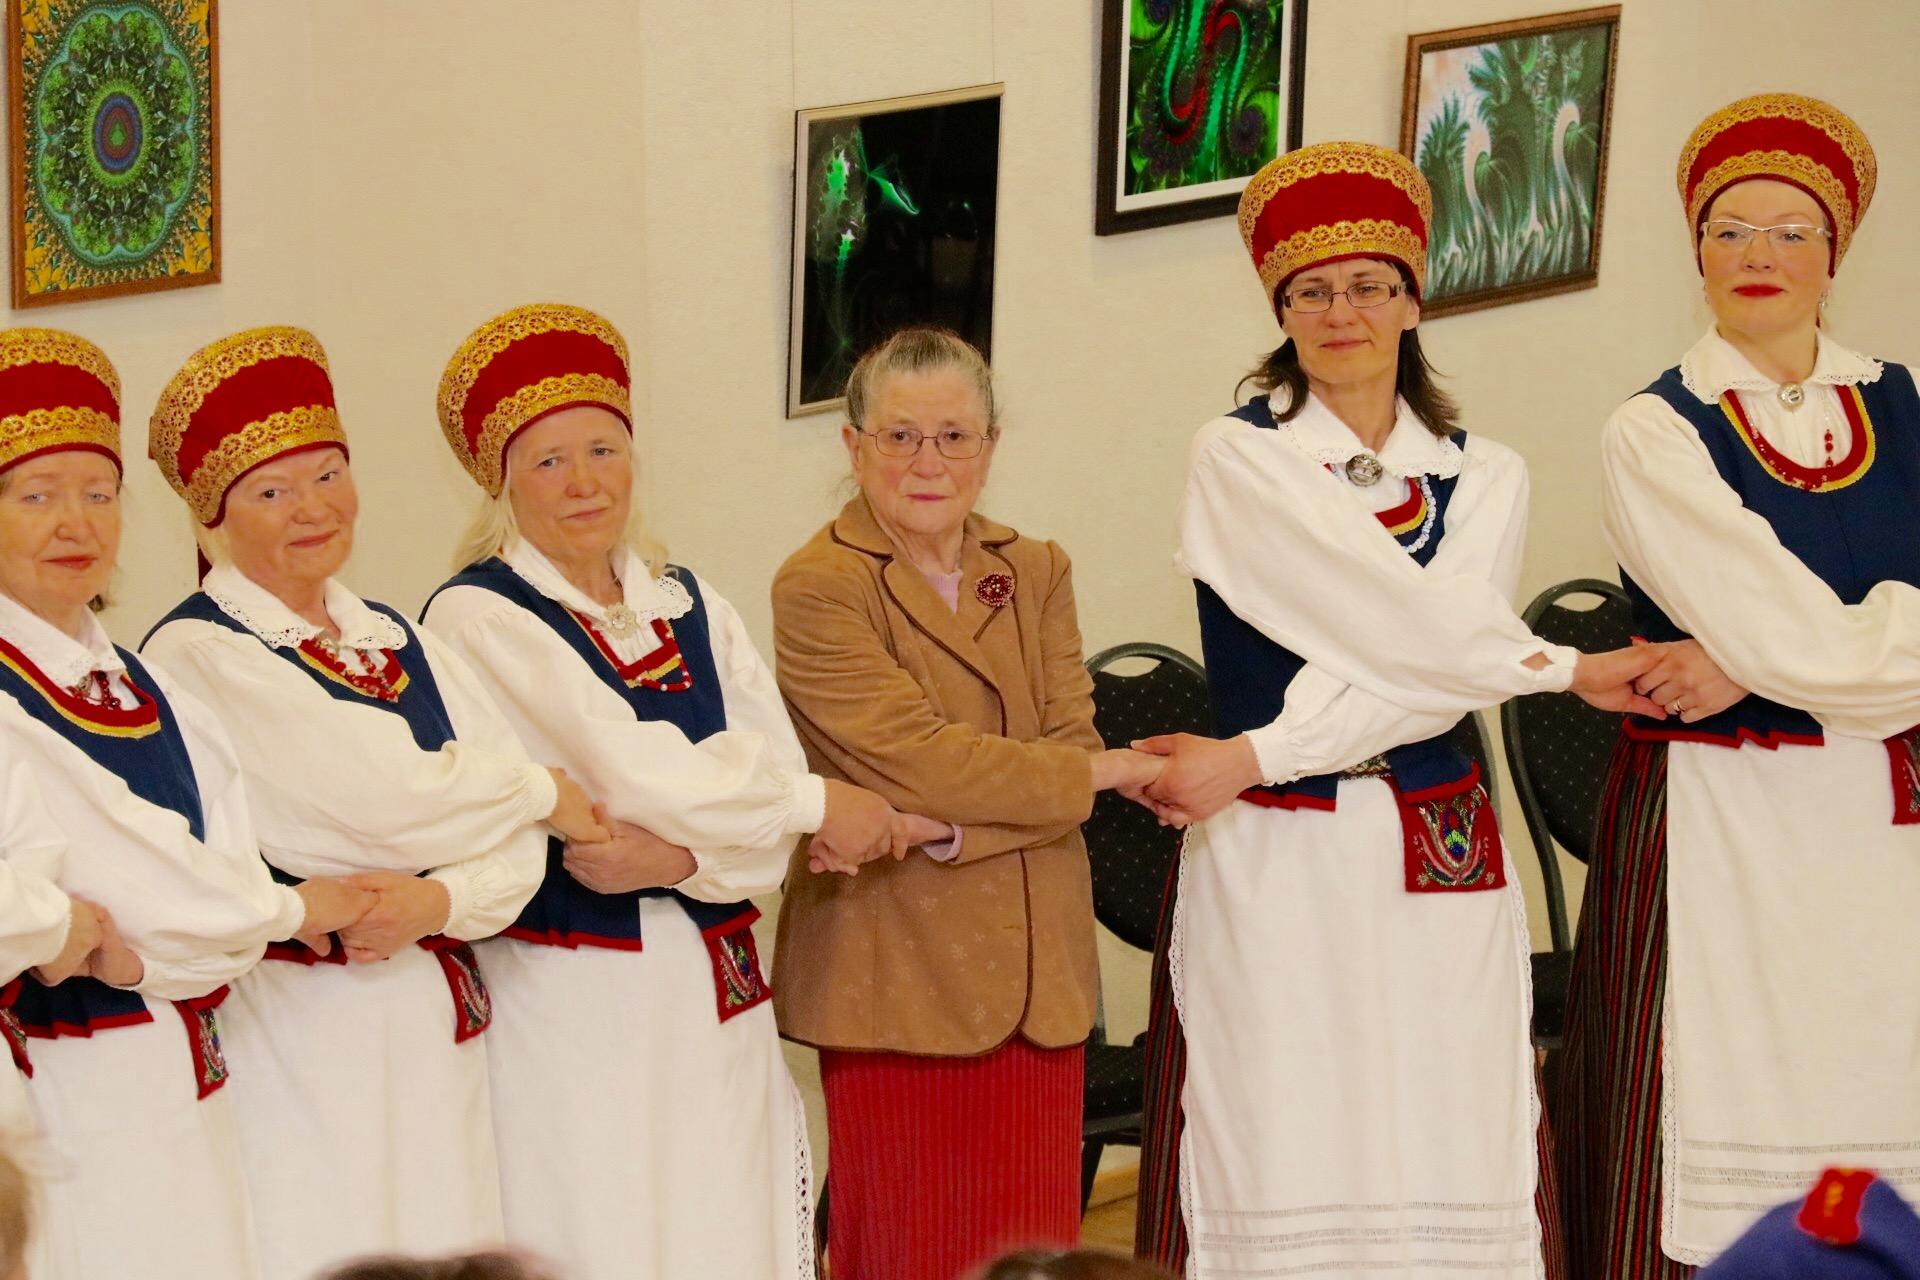 """Pühapäeval toimus nii Kuressaare kultuurikeskuses kui ka Kuressaare gümnaasiumis Eesti naiste tantsupeo """"Mehe lugu"""" tantsude pidulik ettetantsimine. Kuna korraldajatel tuleb aprillikuu jooksul läbi sõita praktiliselt terve Eesti, olid tantsurühmad aja […]"""